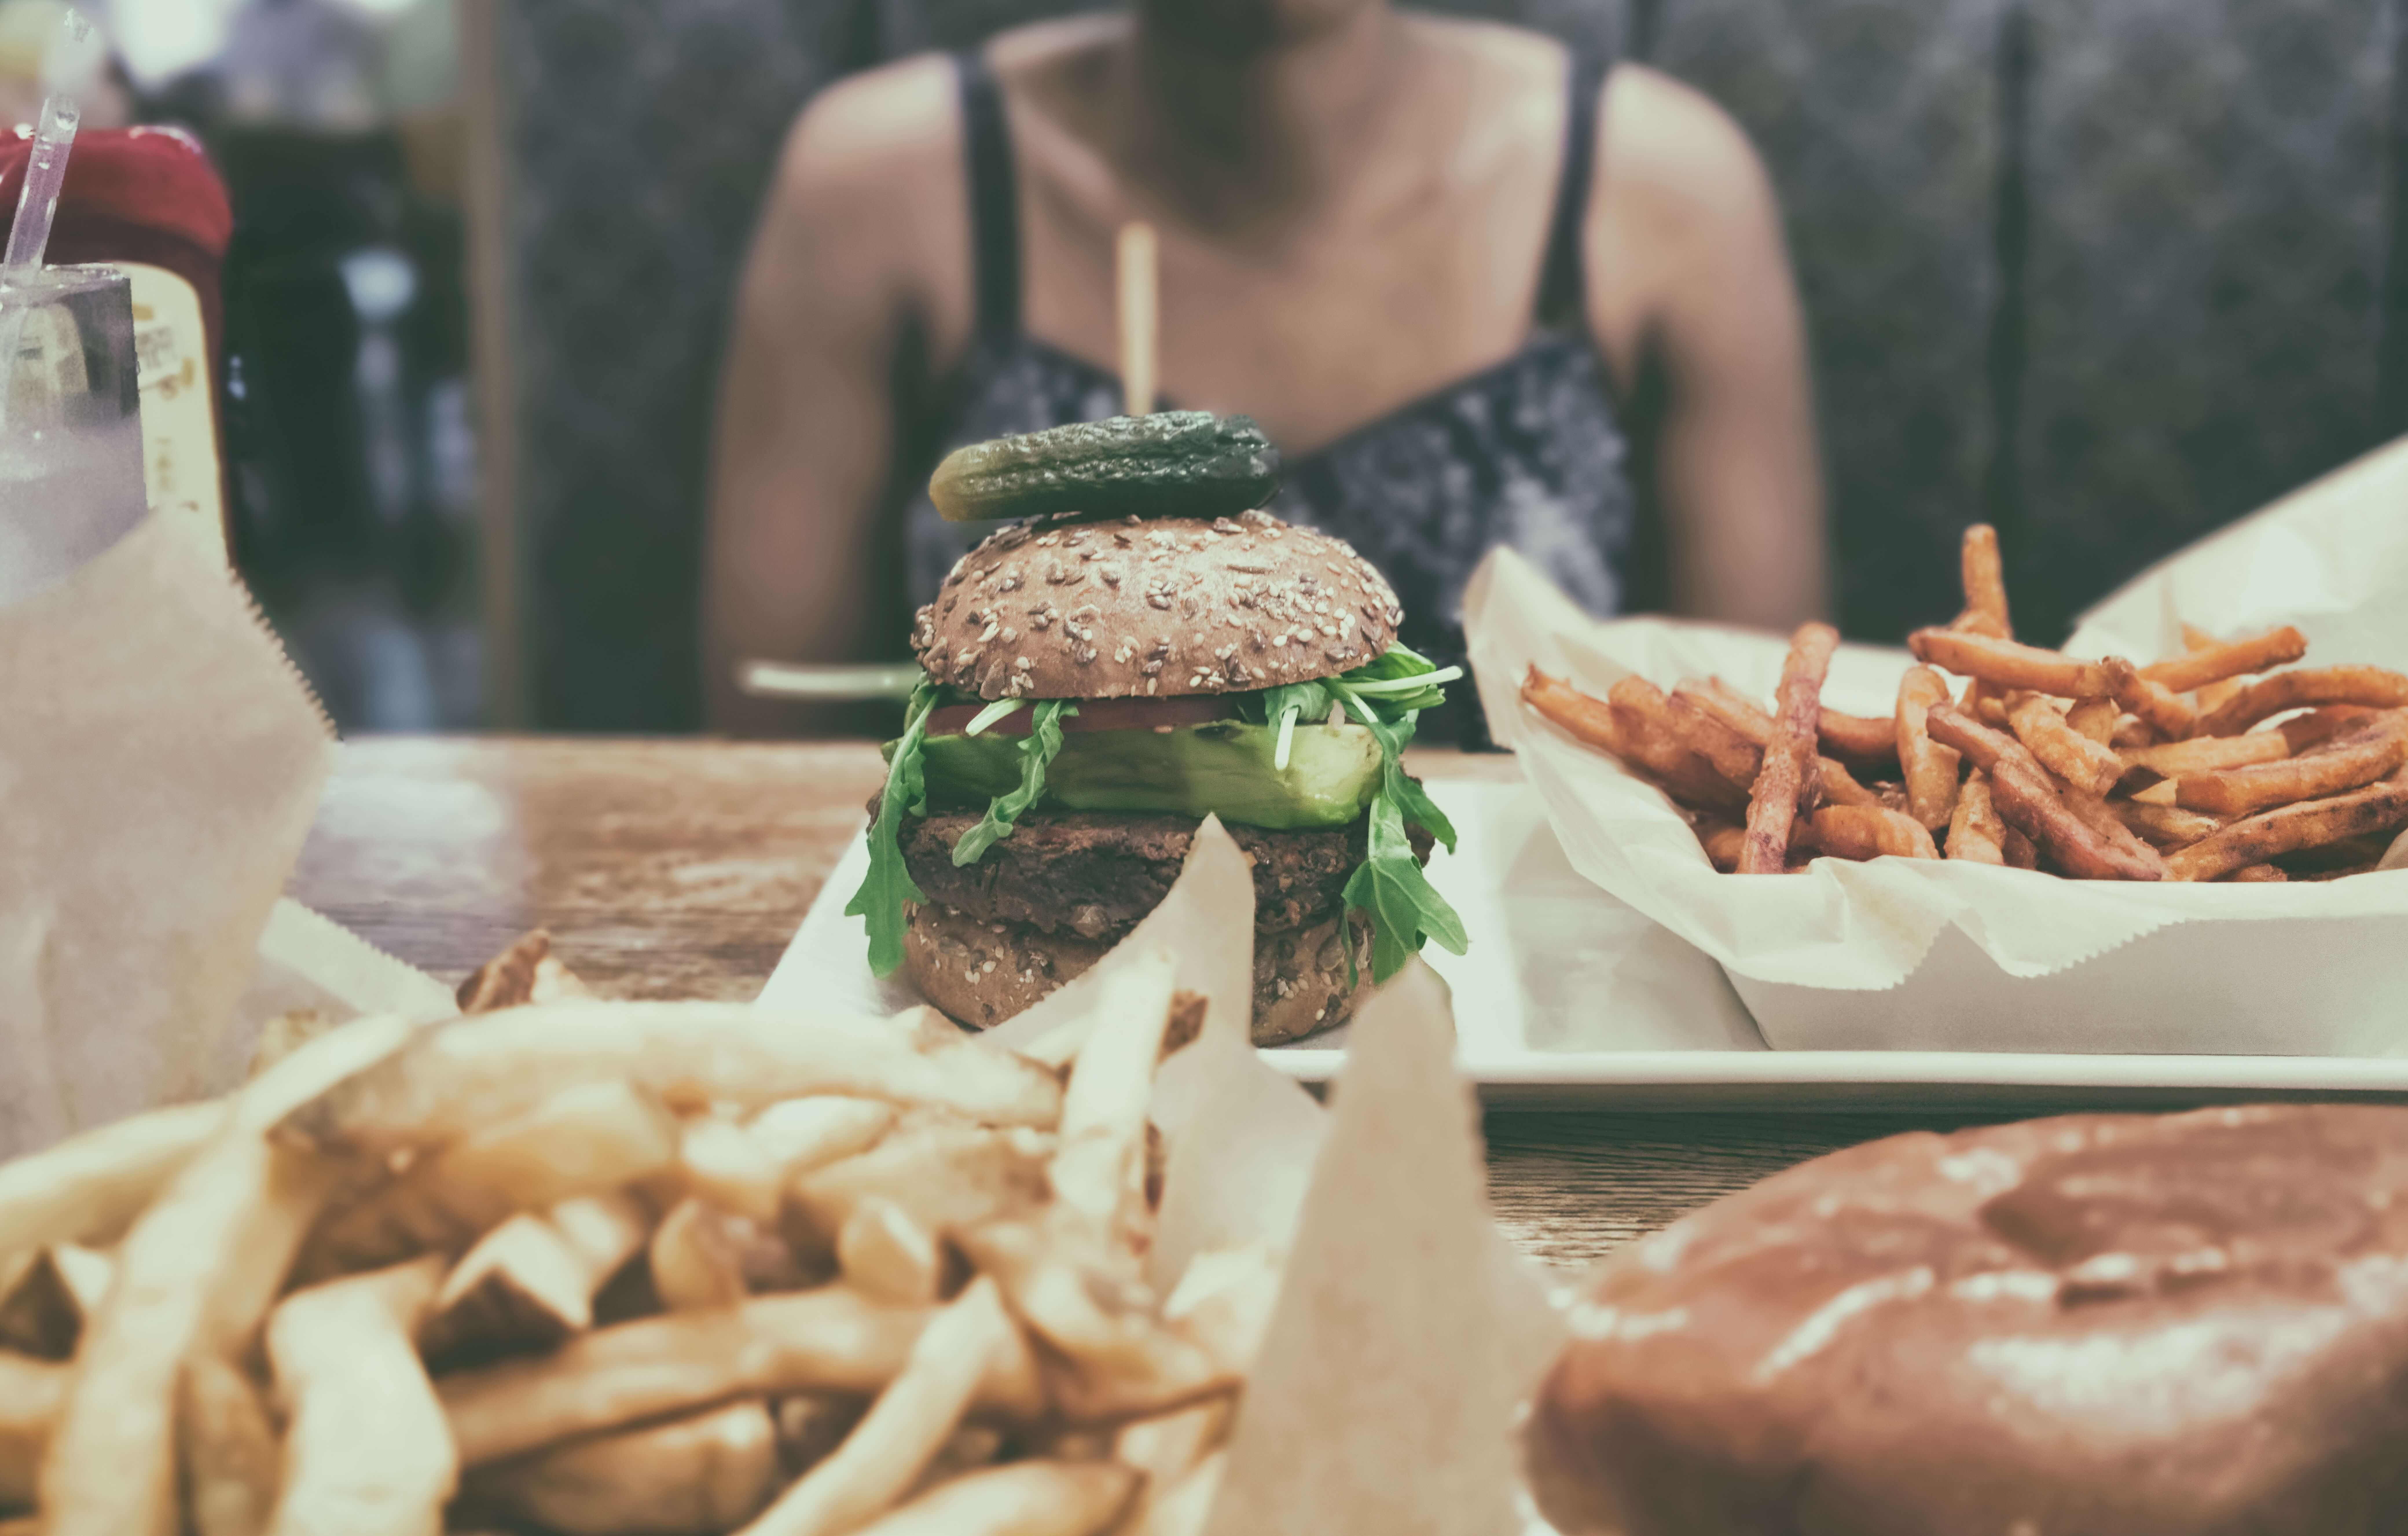 LCFH-kost, kolhydrater ger inga fördelar